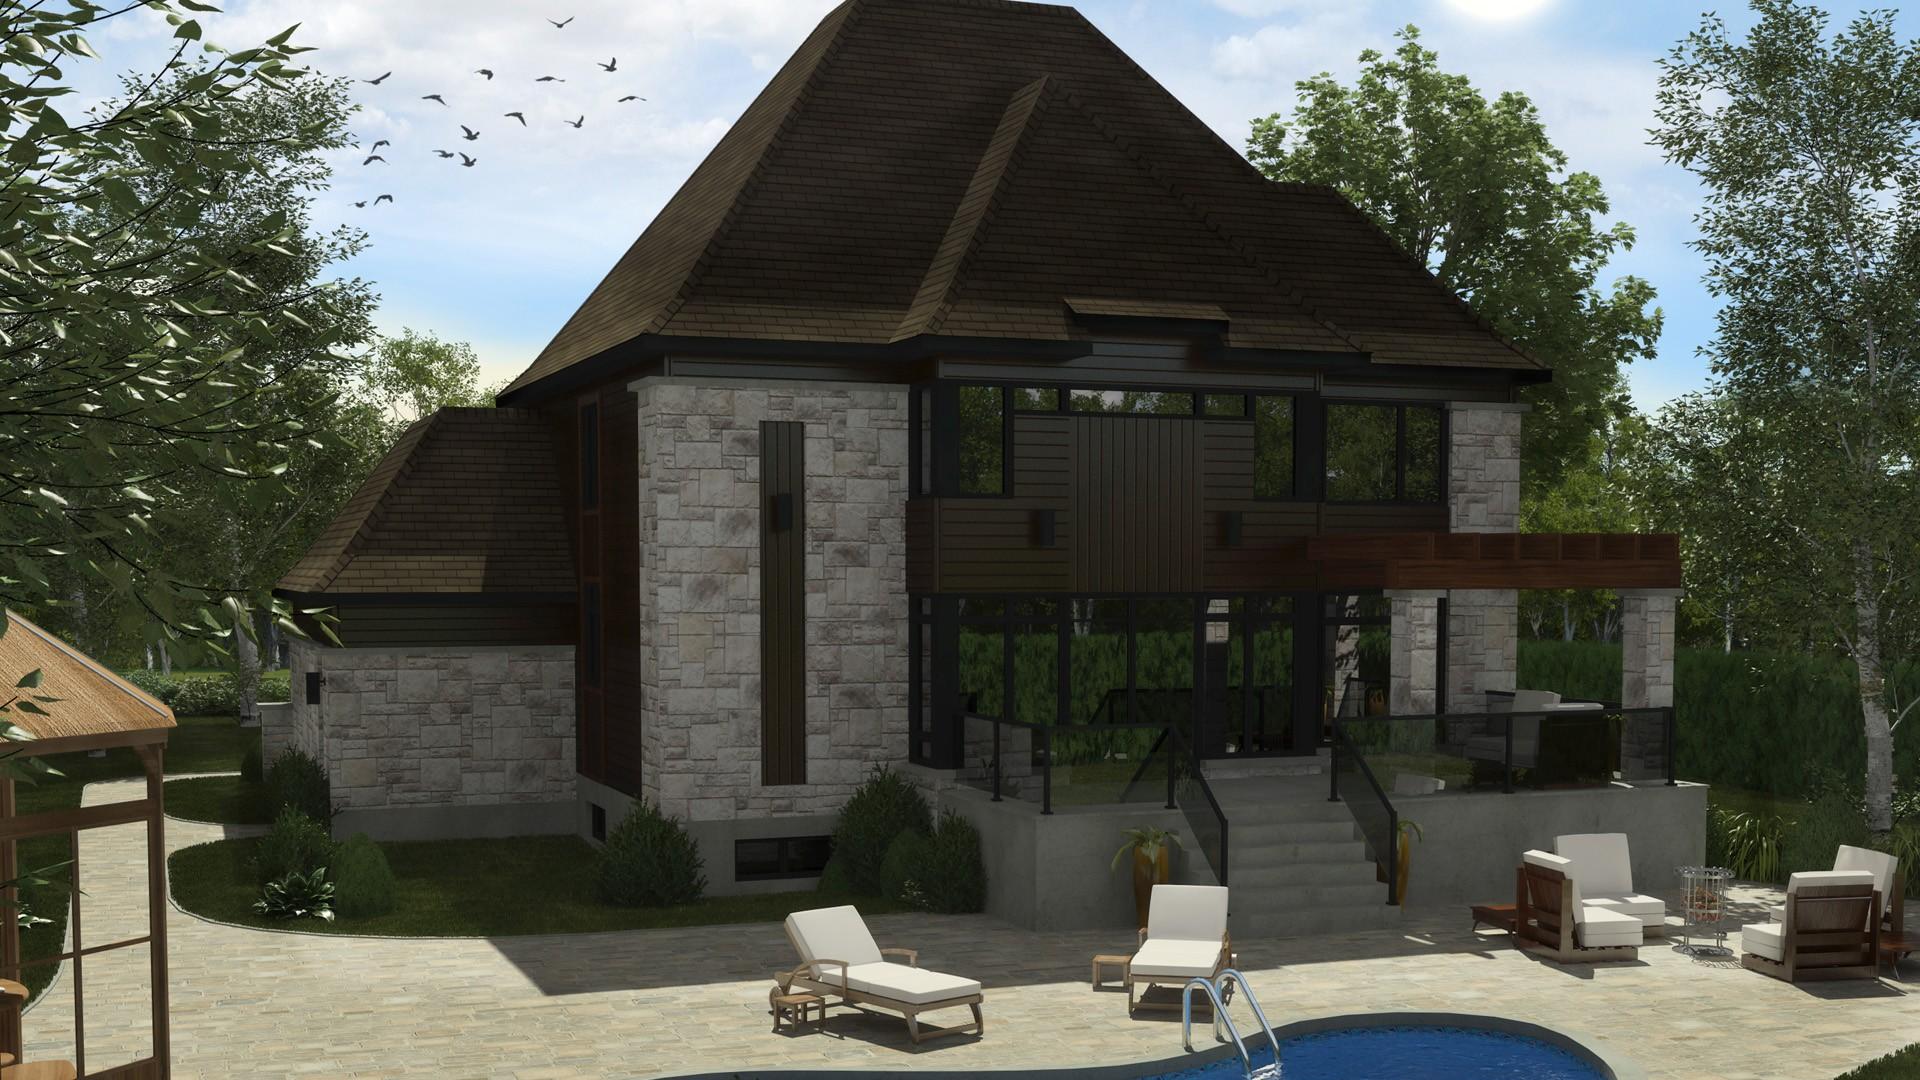 Contemporary Cottage_Elyssia_Luxury Home_Domicilde prestige_Domicil